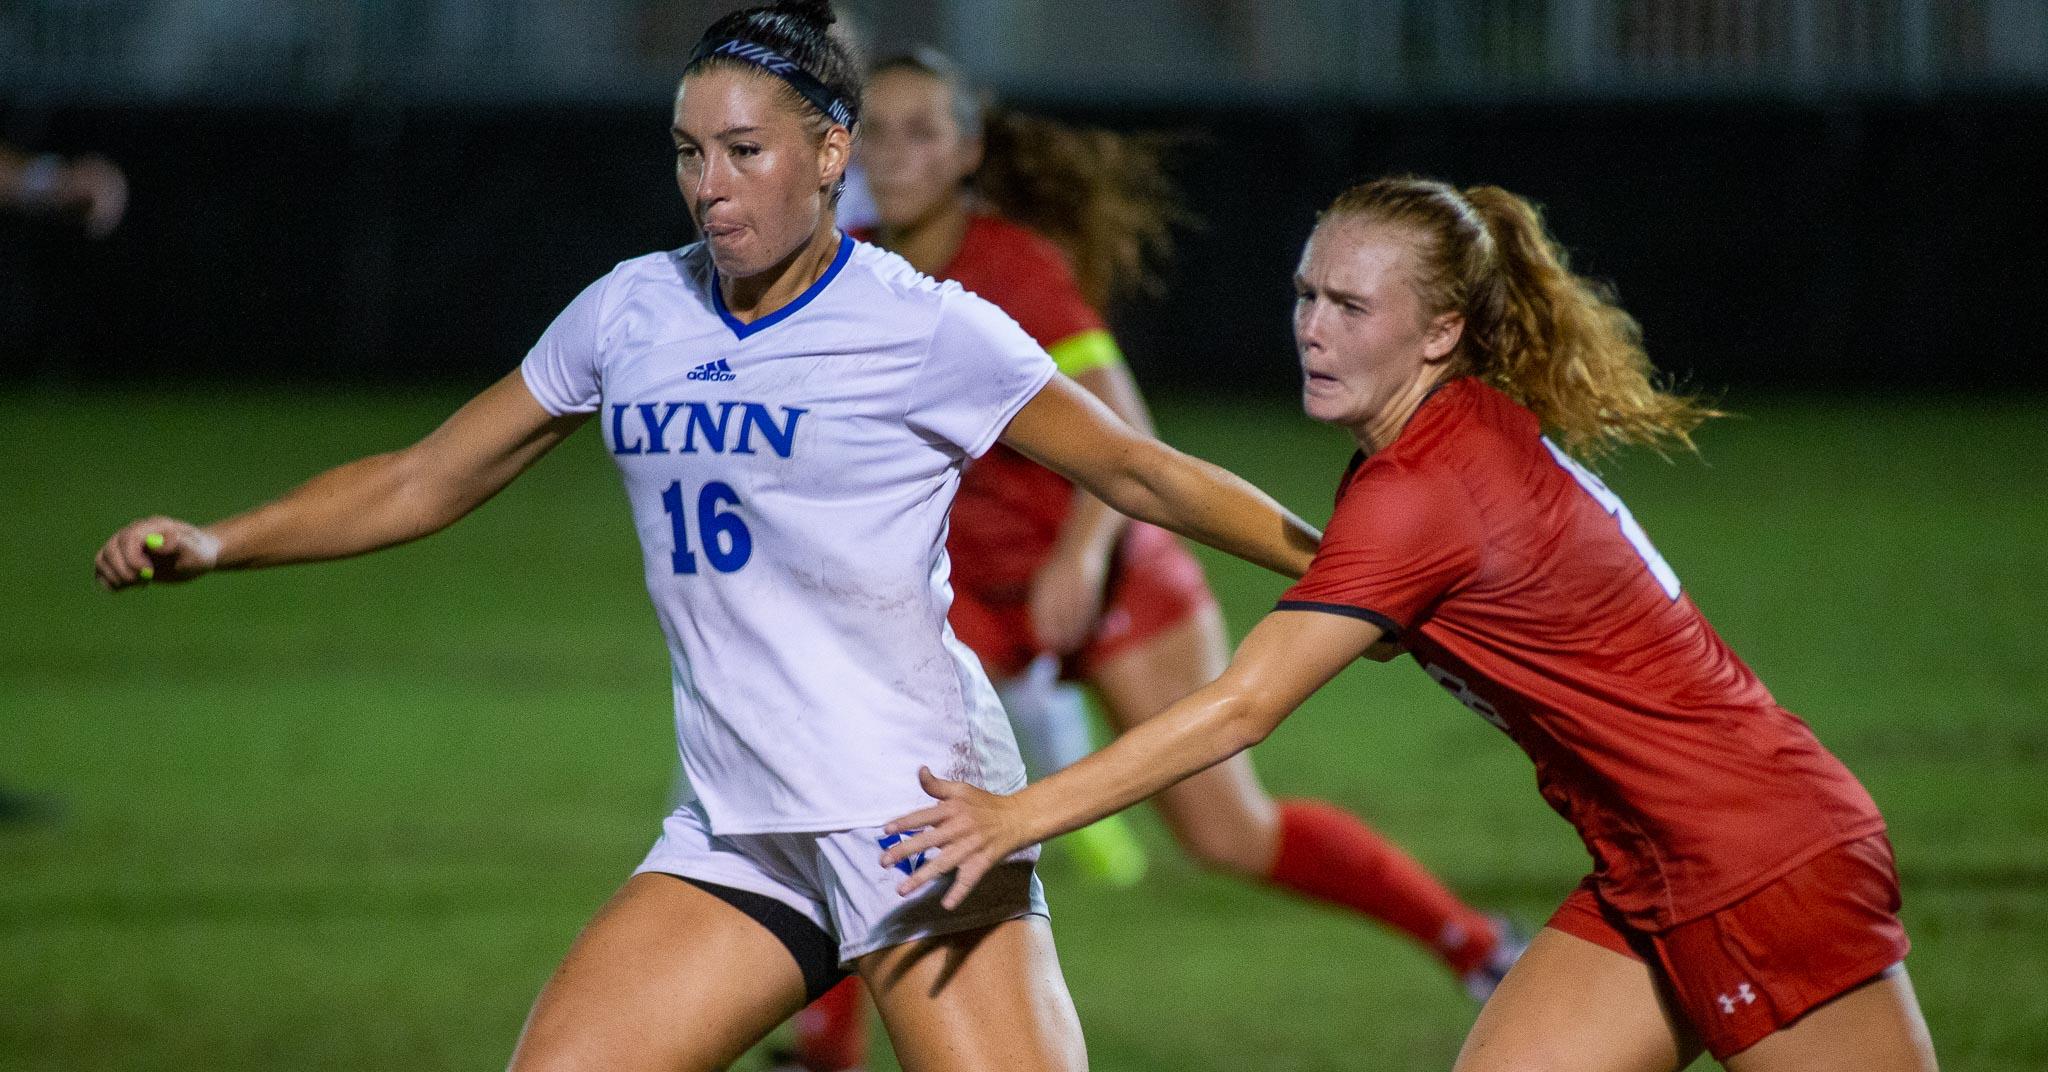 Lynn University at Flagler College women's soccer match on Wednesday, Sept. 8, 2021